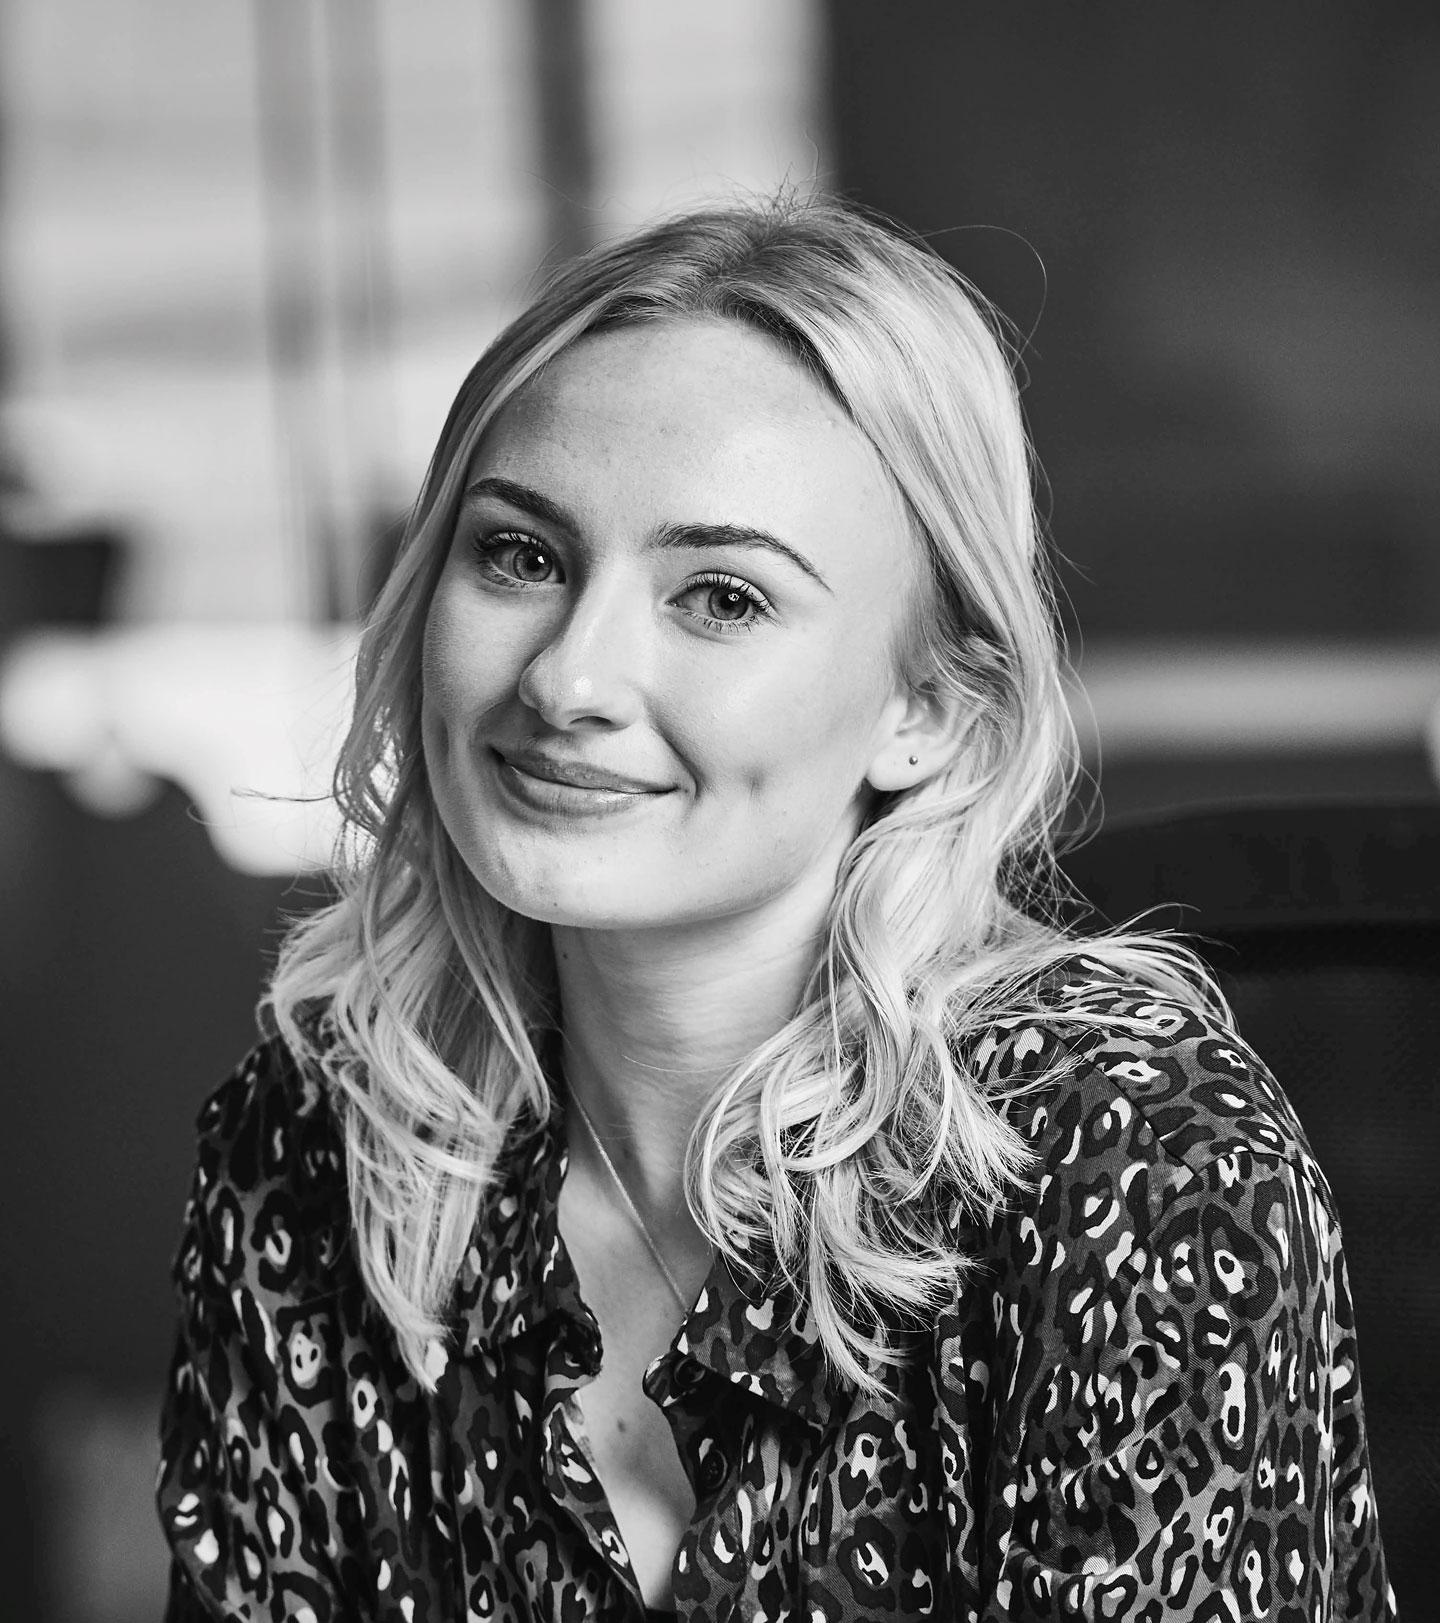 Ella Pumford, content manager at St. Modwen Homes